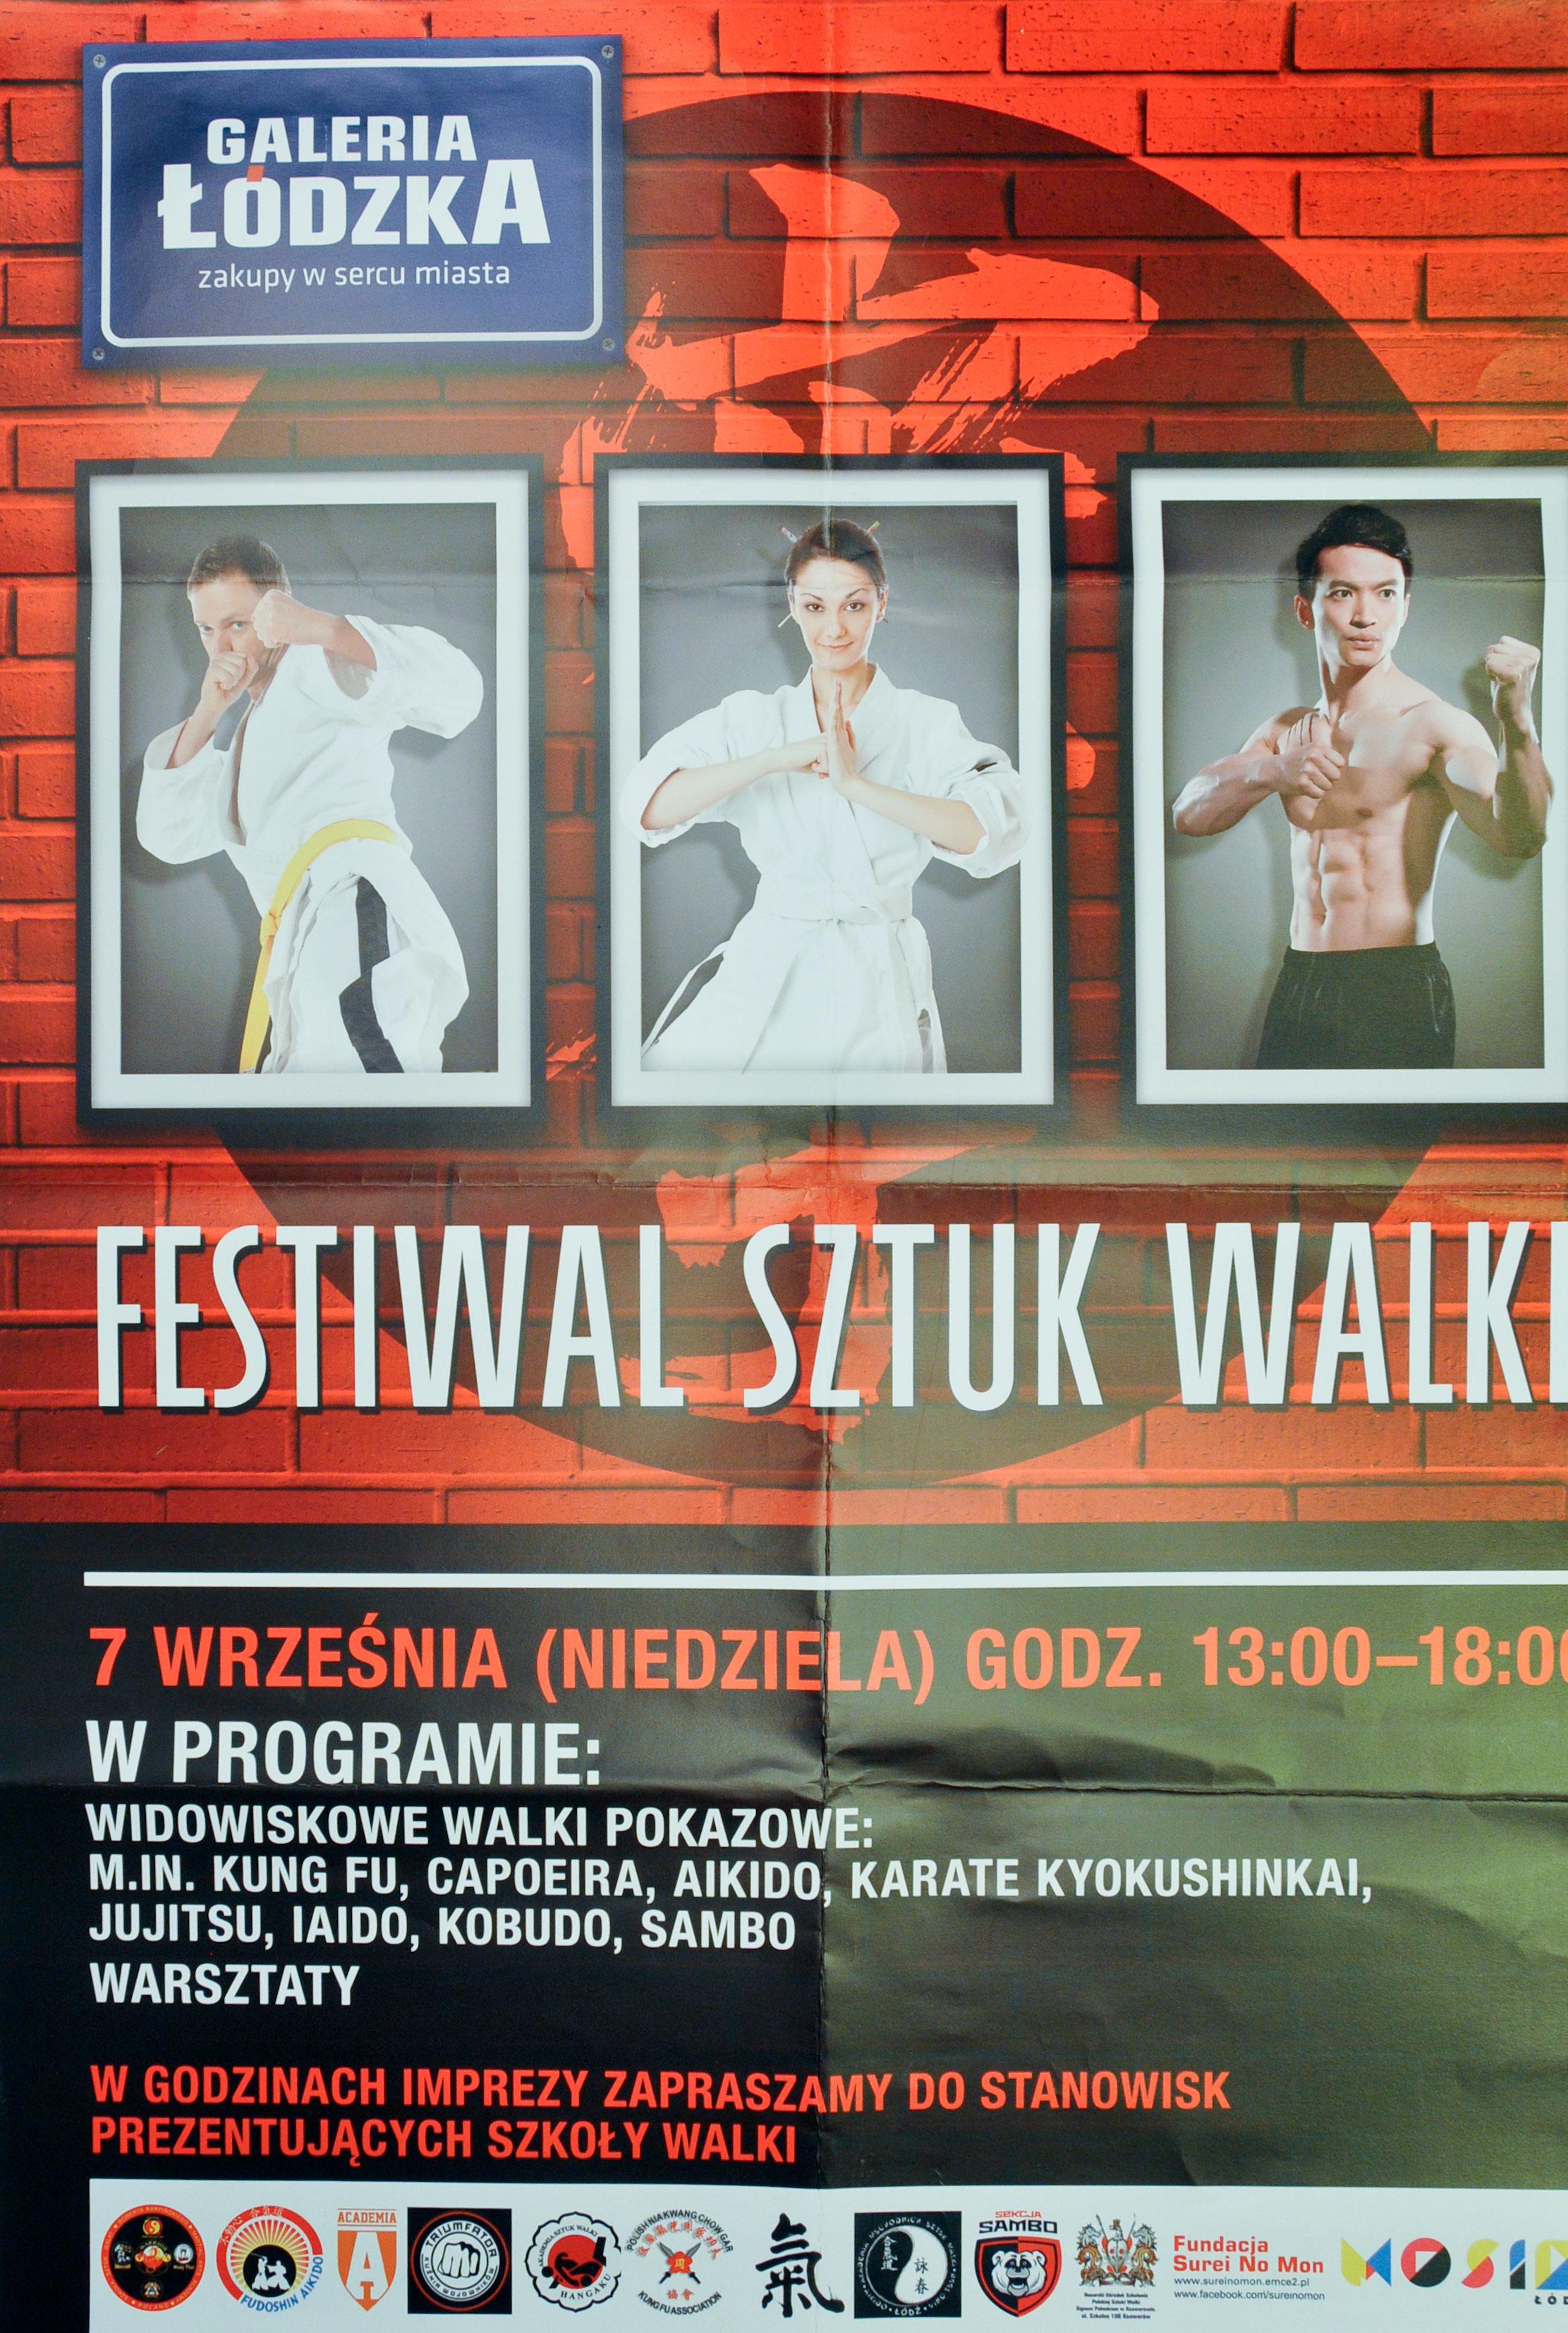 Muzeum Sportu I Turystyki Plakat Festiwal Sztuk Walki W